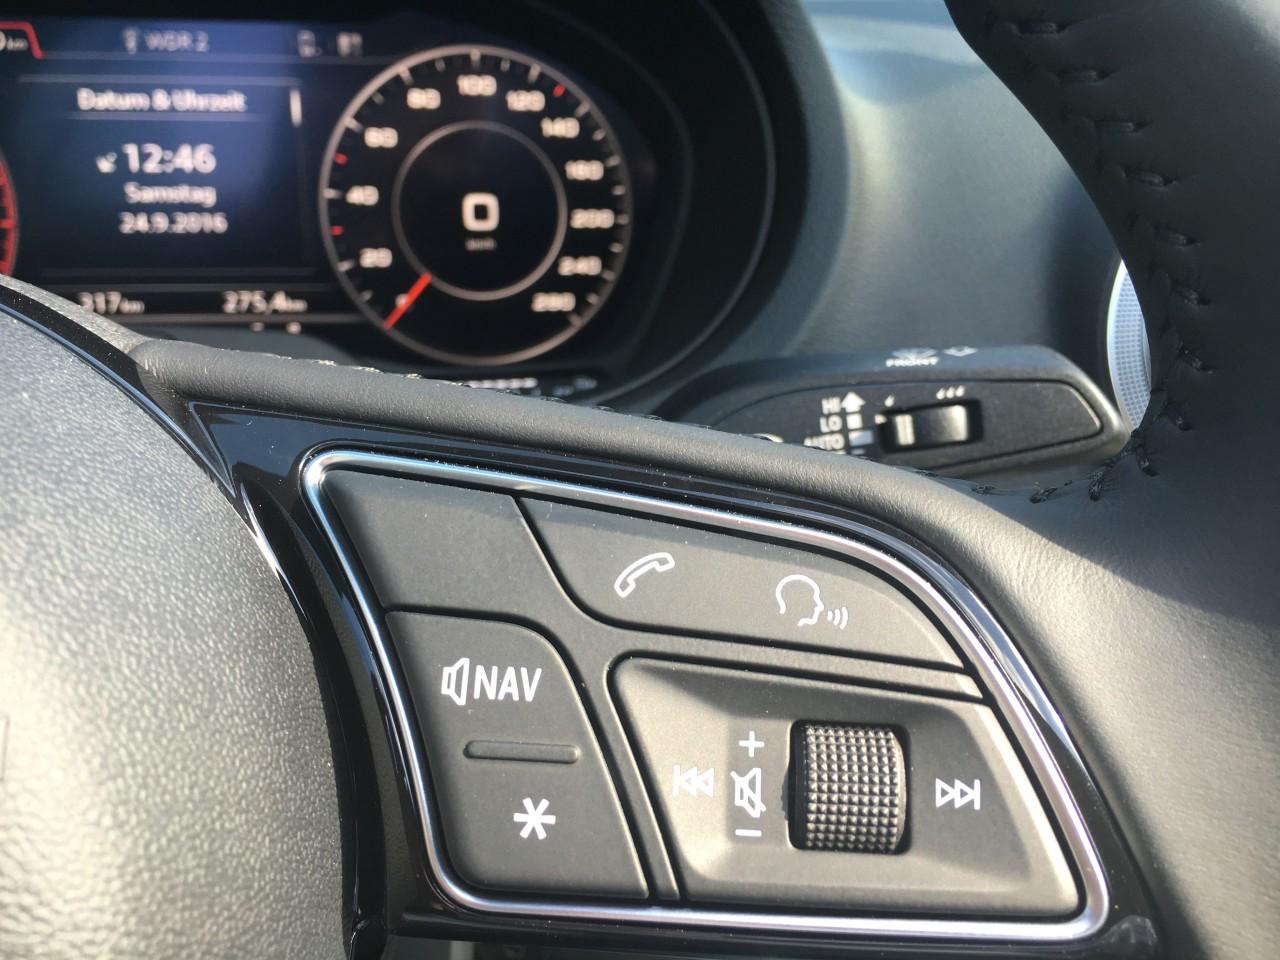 Audi deaktiviert Sprachsteuerung bei Cabrios wegen Fehlfunktionsmöglichkeit durch Nebengeräusche